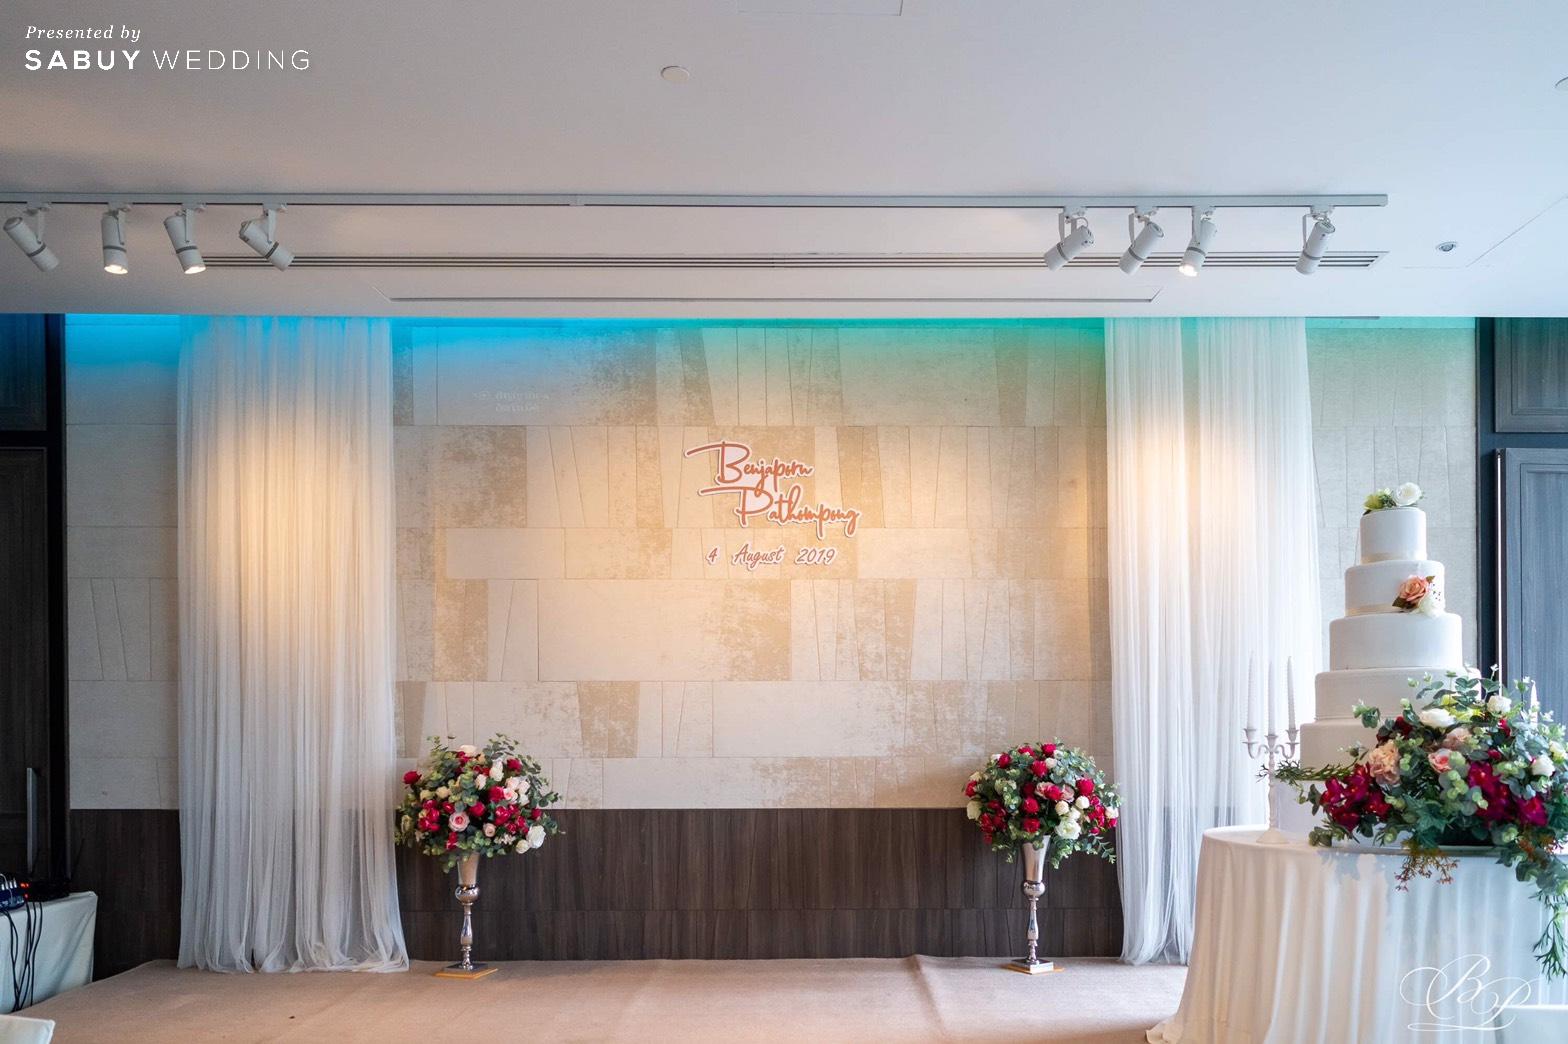 เจ้าสาว,ชุดแต่งงาน,เจ้าบ่าว,ตกแต่งงานแต่งงาน รีวิวงานแต่ง Backdrop สวนสวย ด้วยห้องจัดเลี้ยงแสงธรรมชาติ @ Bliston Suwan Park View Hotel